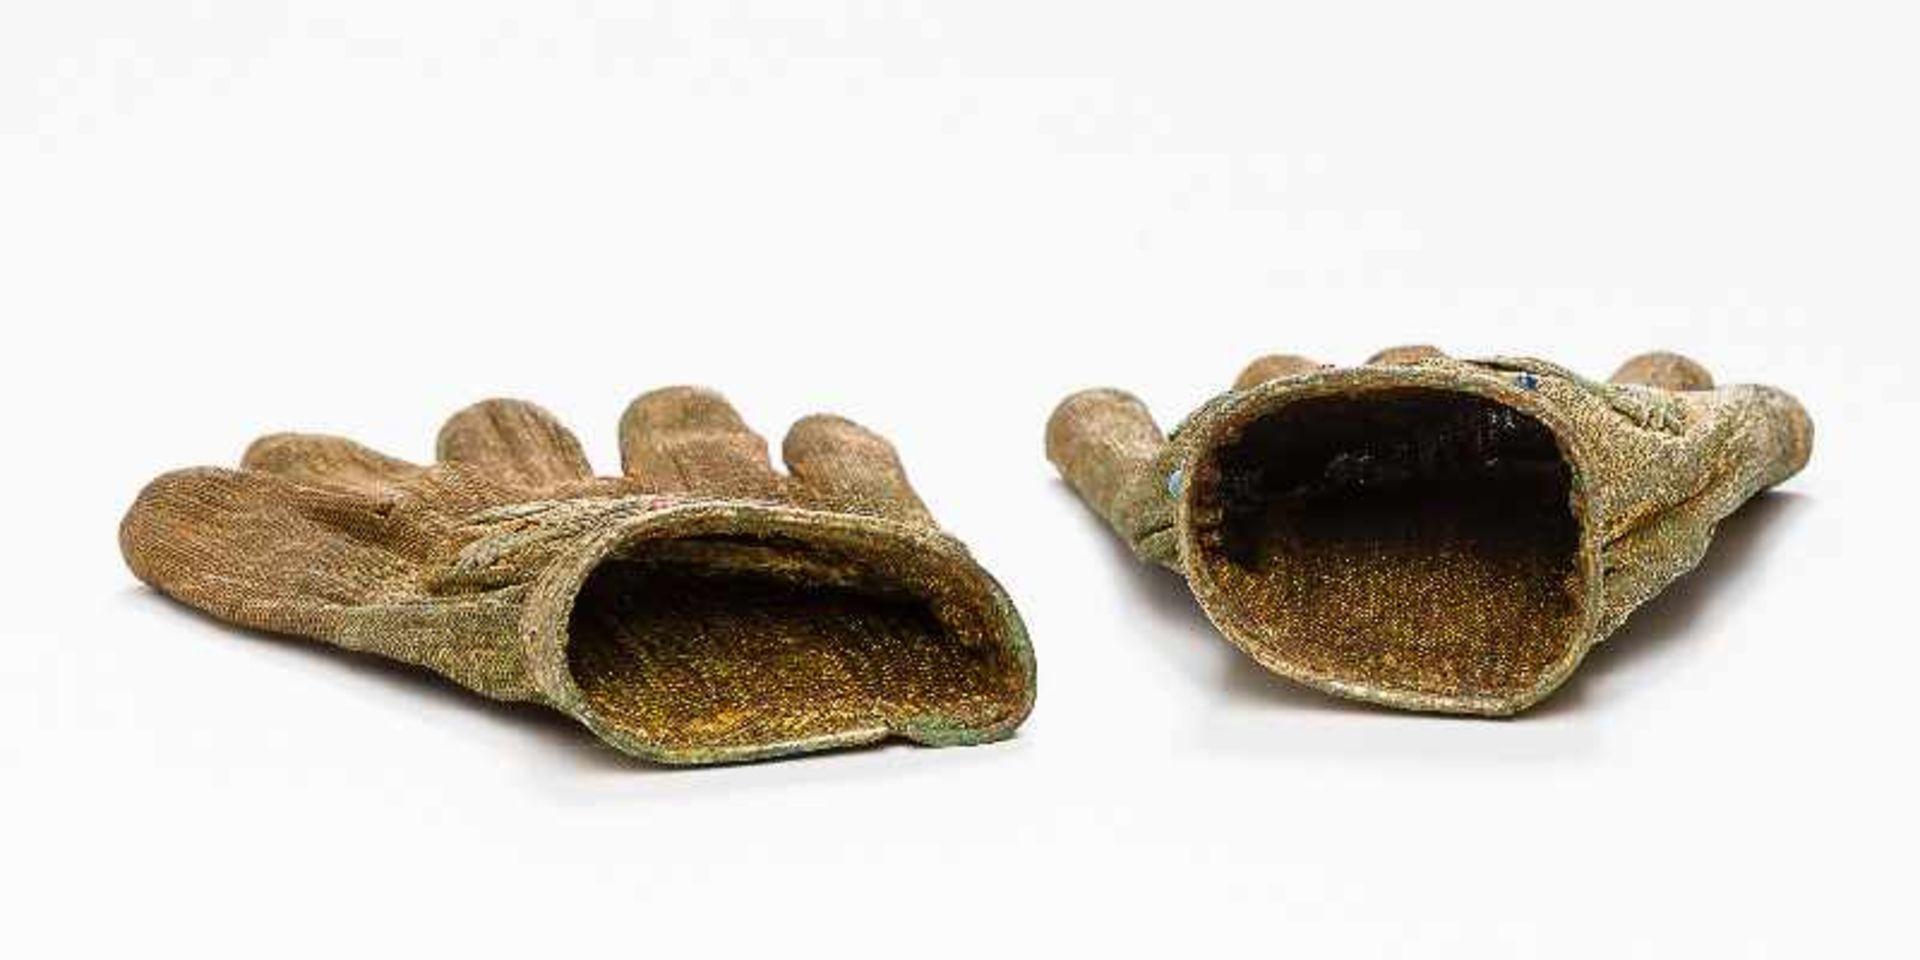 SELTENE HANDSCHUHE MIT PHÖNIX-DARSTELLUNGSilber (und Kupfer?), vergoldet, Einlagen. China, - Image 4 of 5